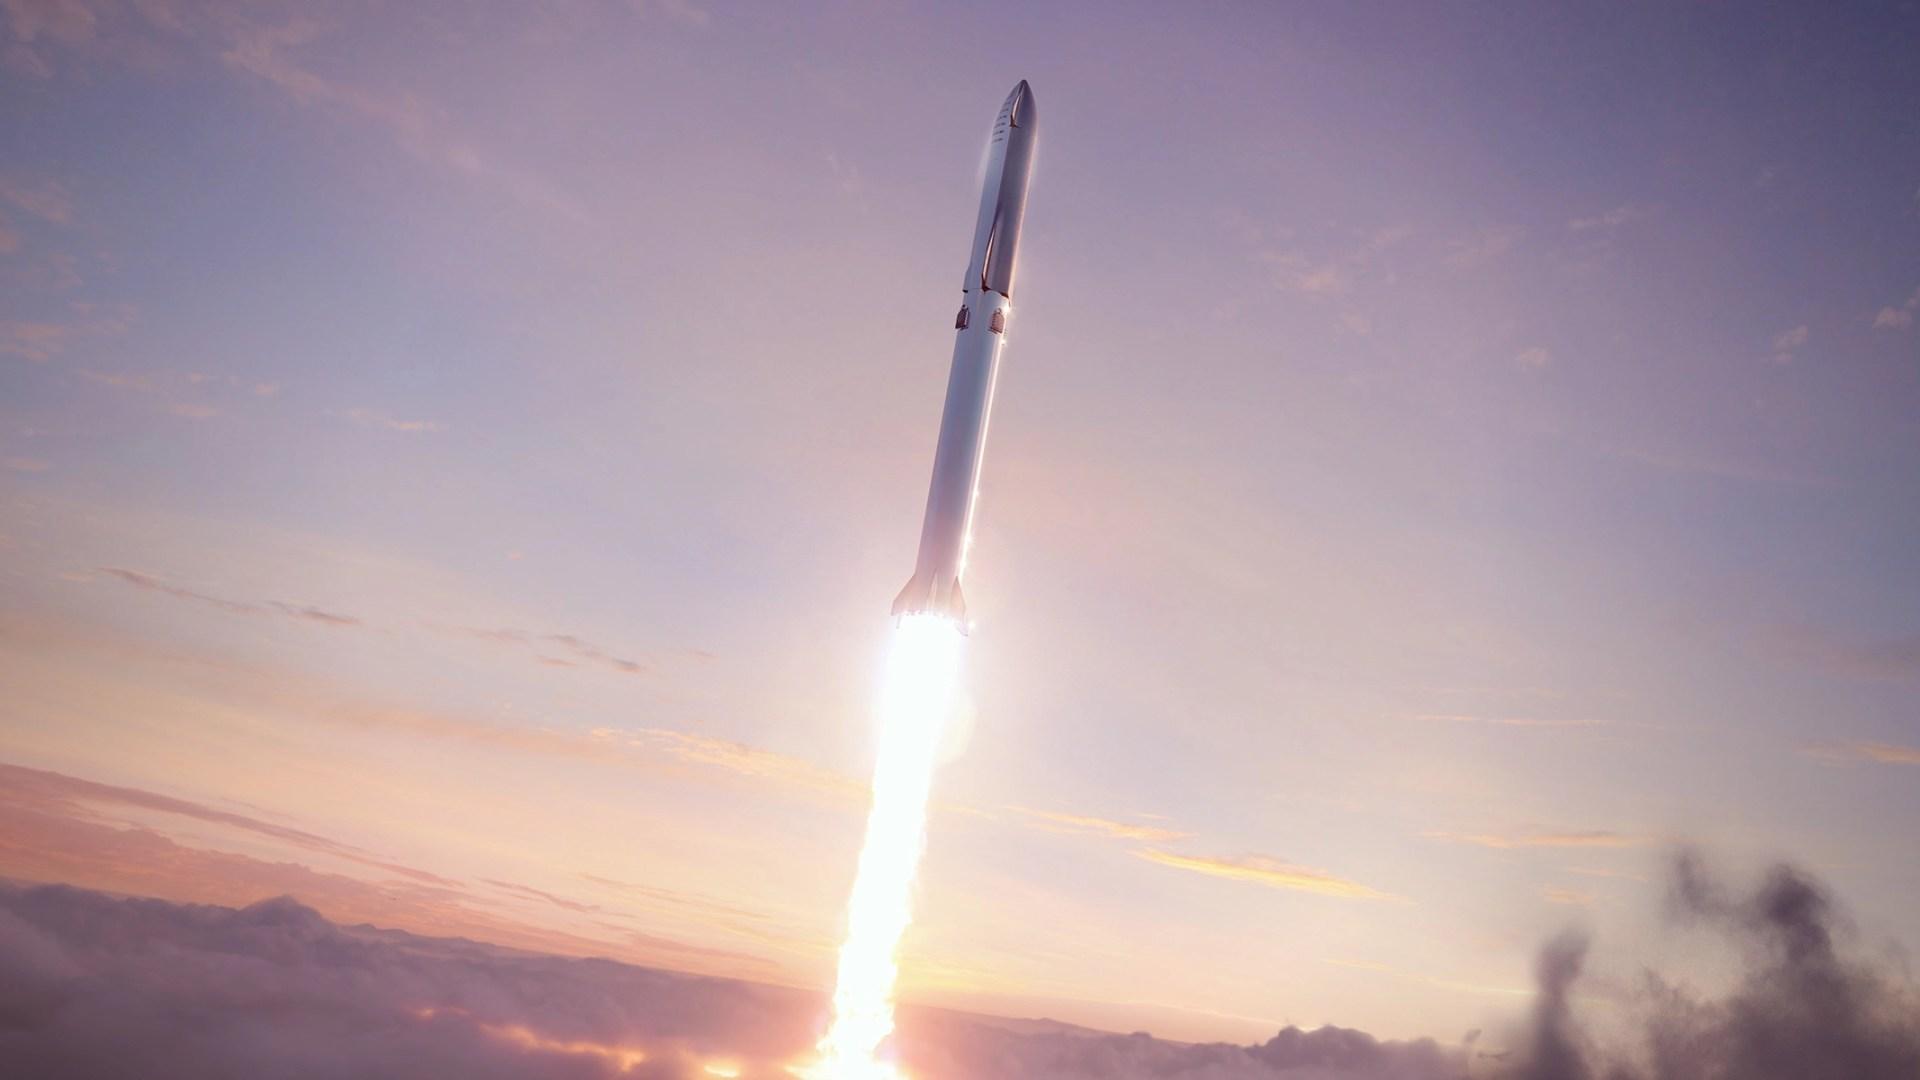 Raumfahrt, Spacex, Start, Raumschiff, Spaceship